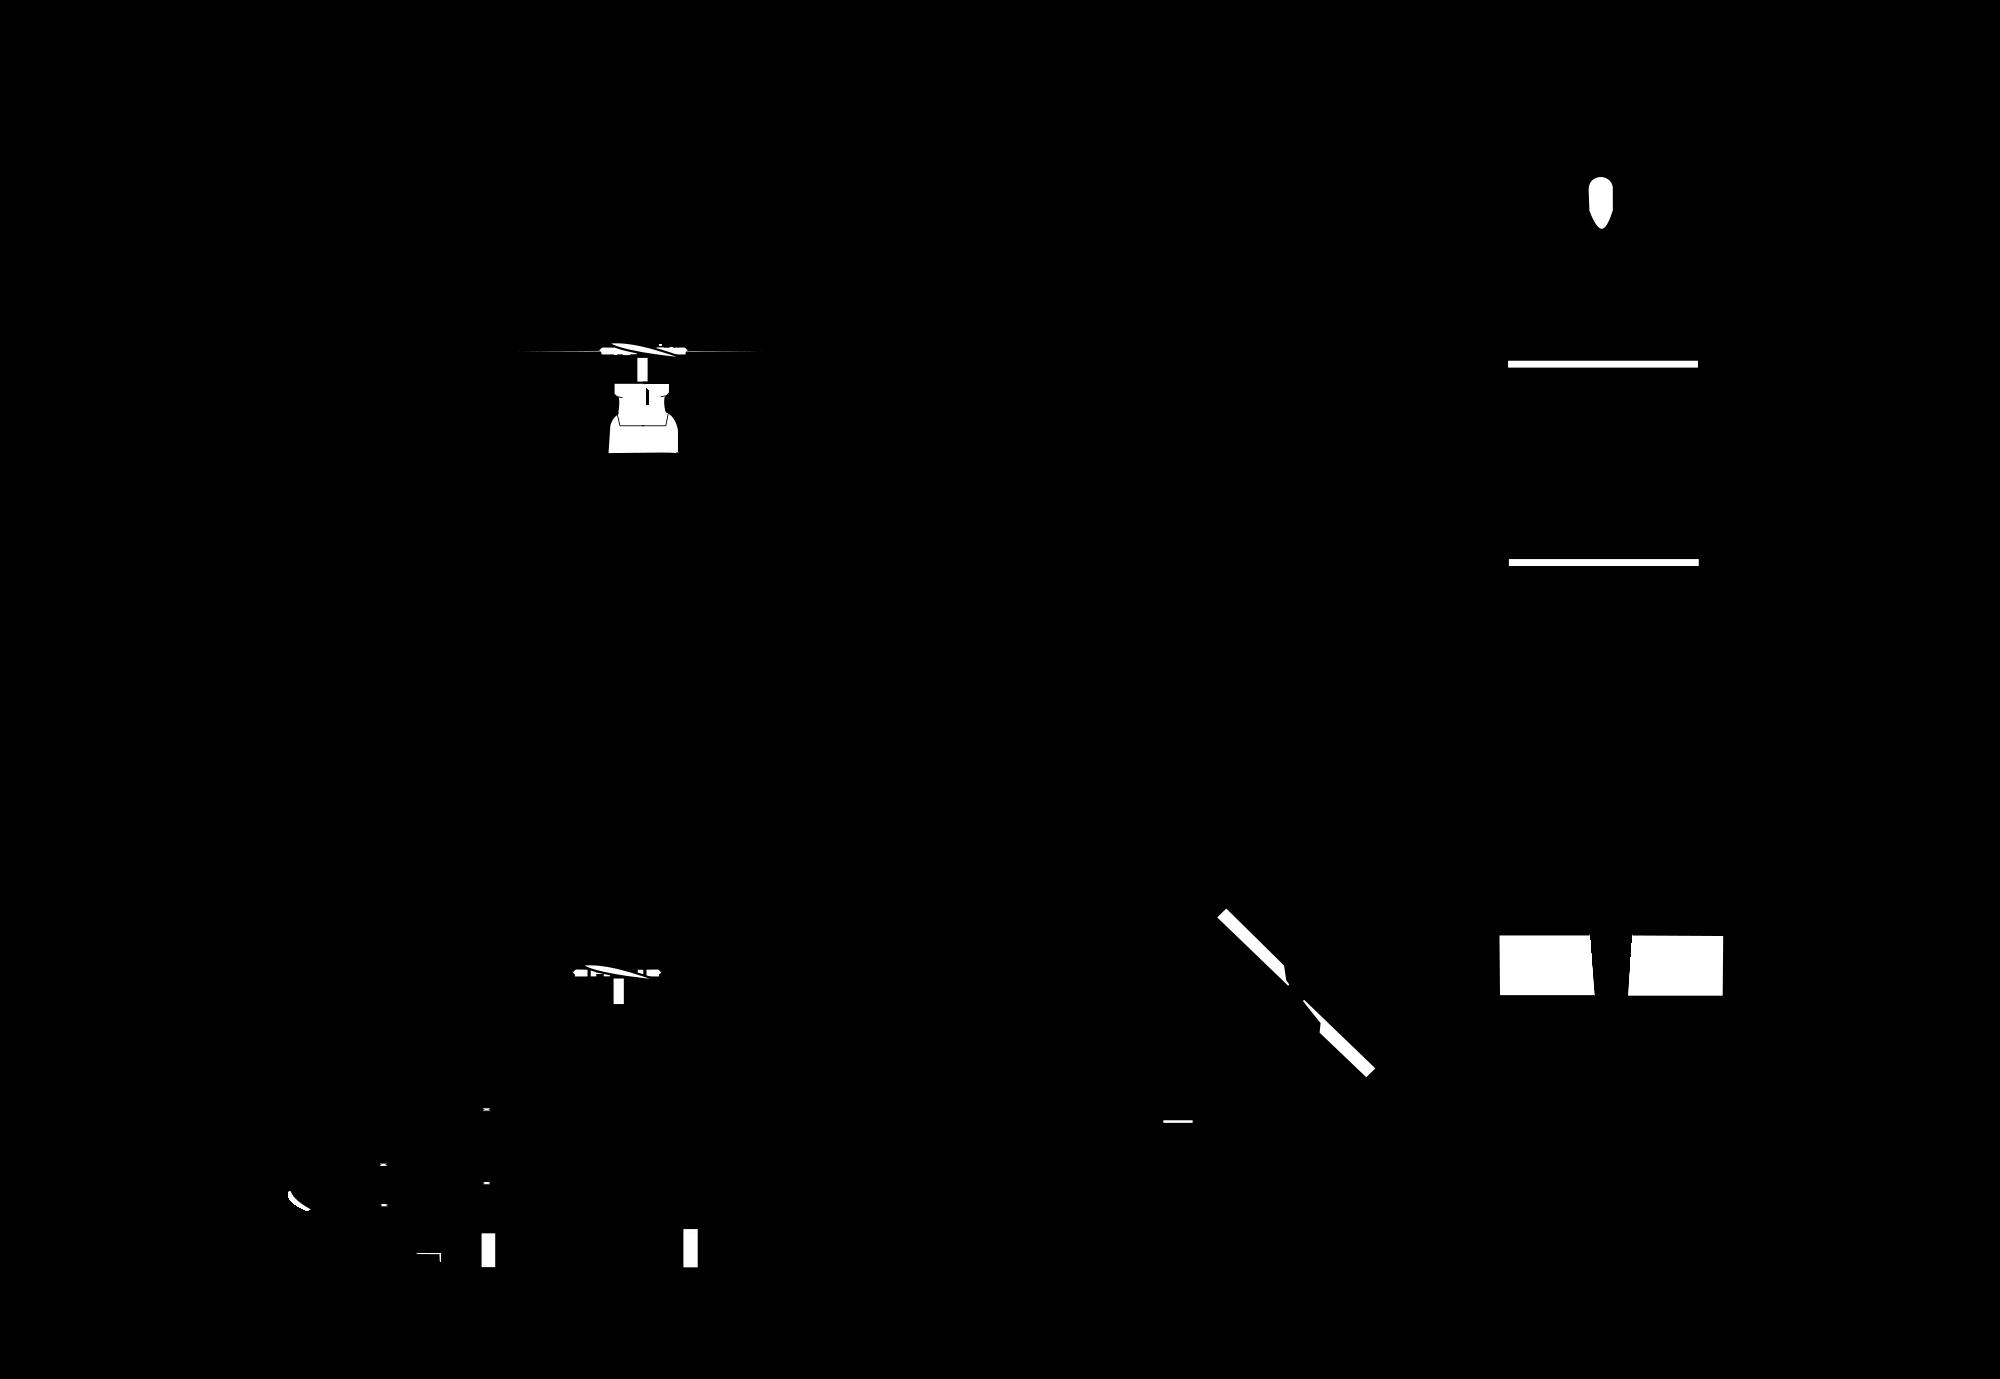 CH-146 Griffon blueprint